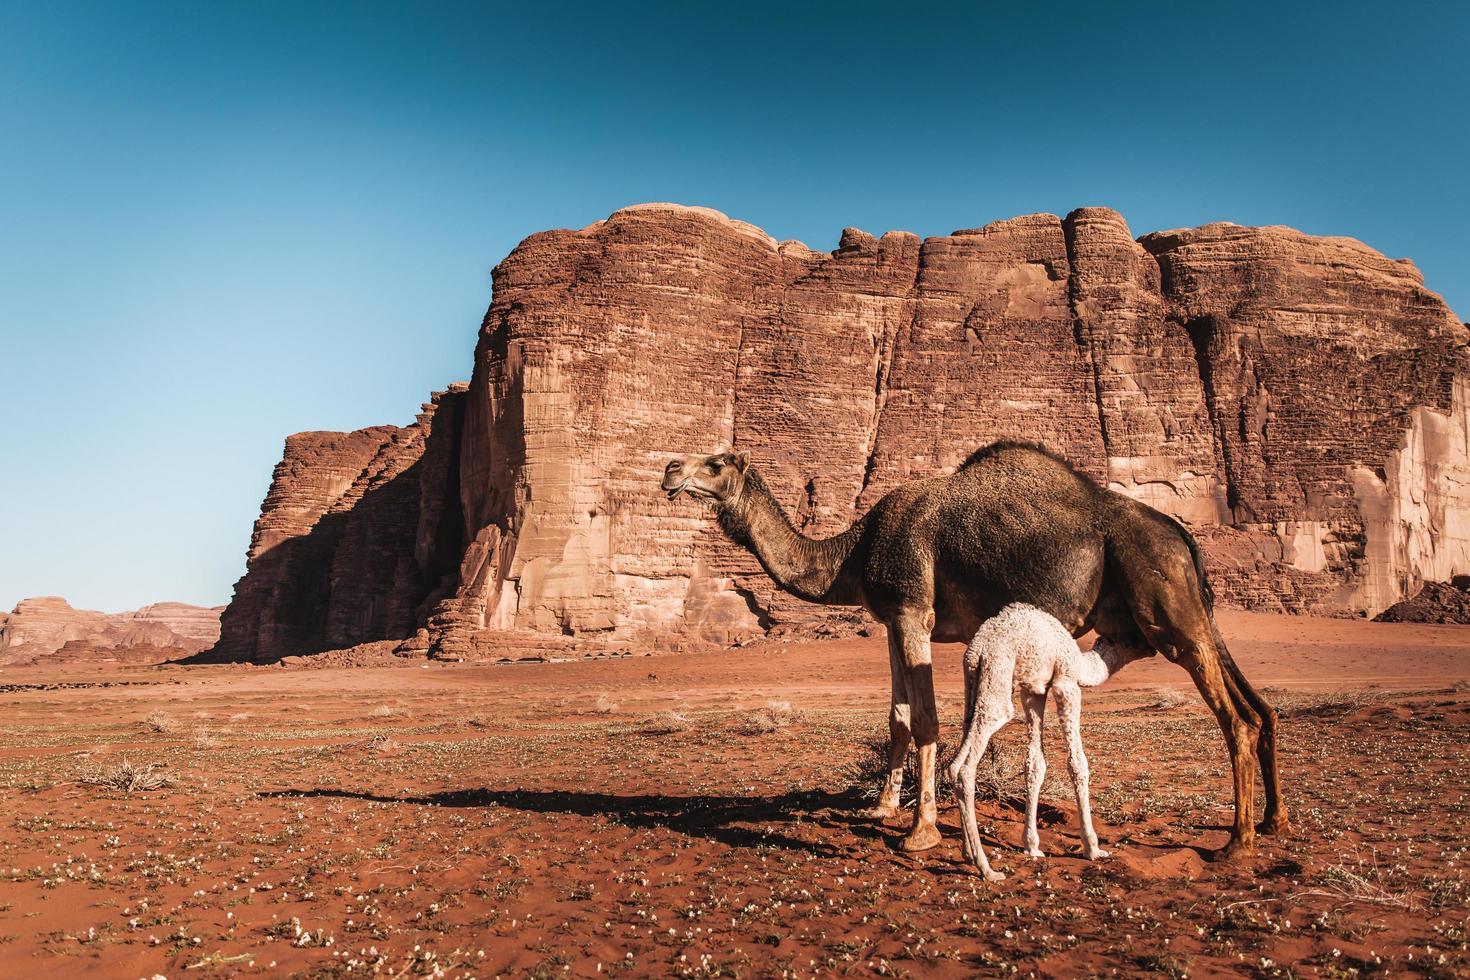 bebê camelo enfermeiras mãe no deserto da Jordânia foto